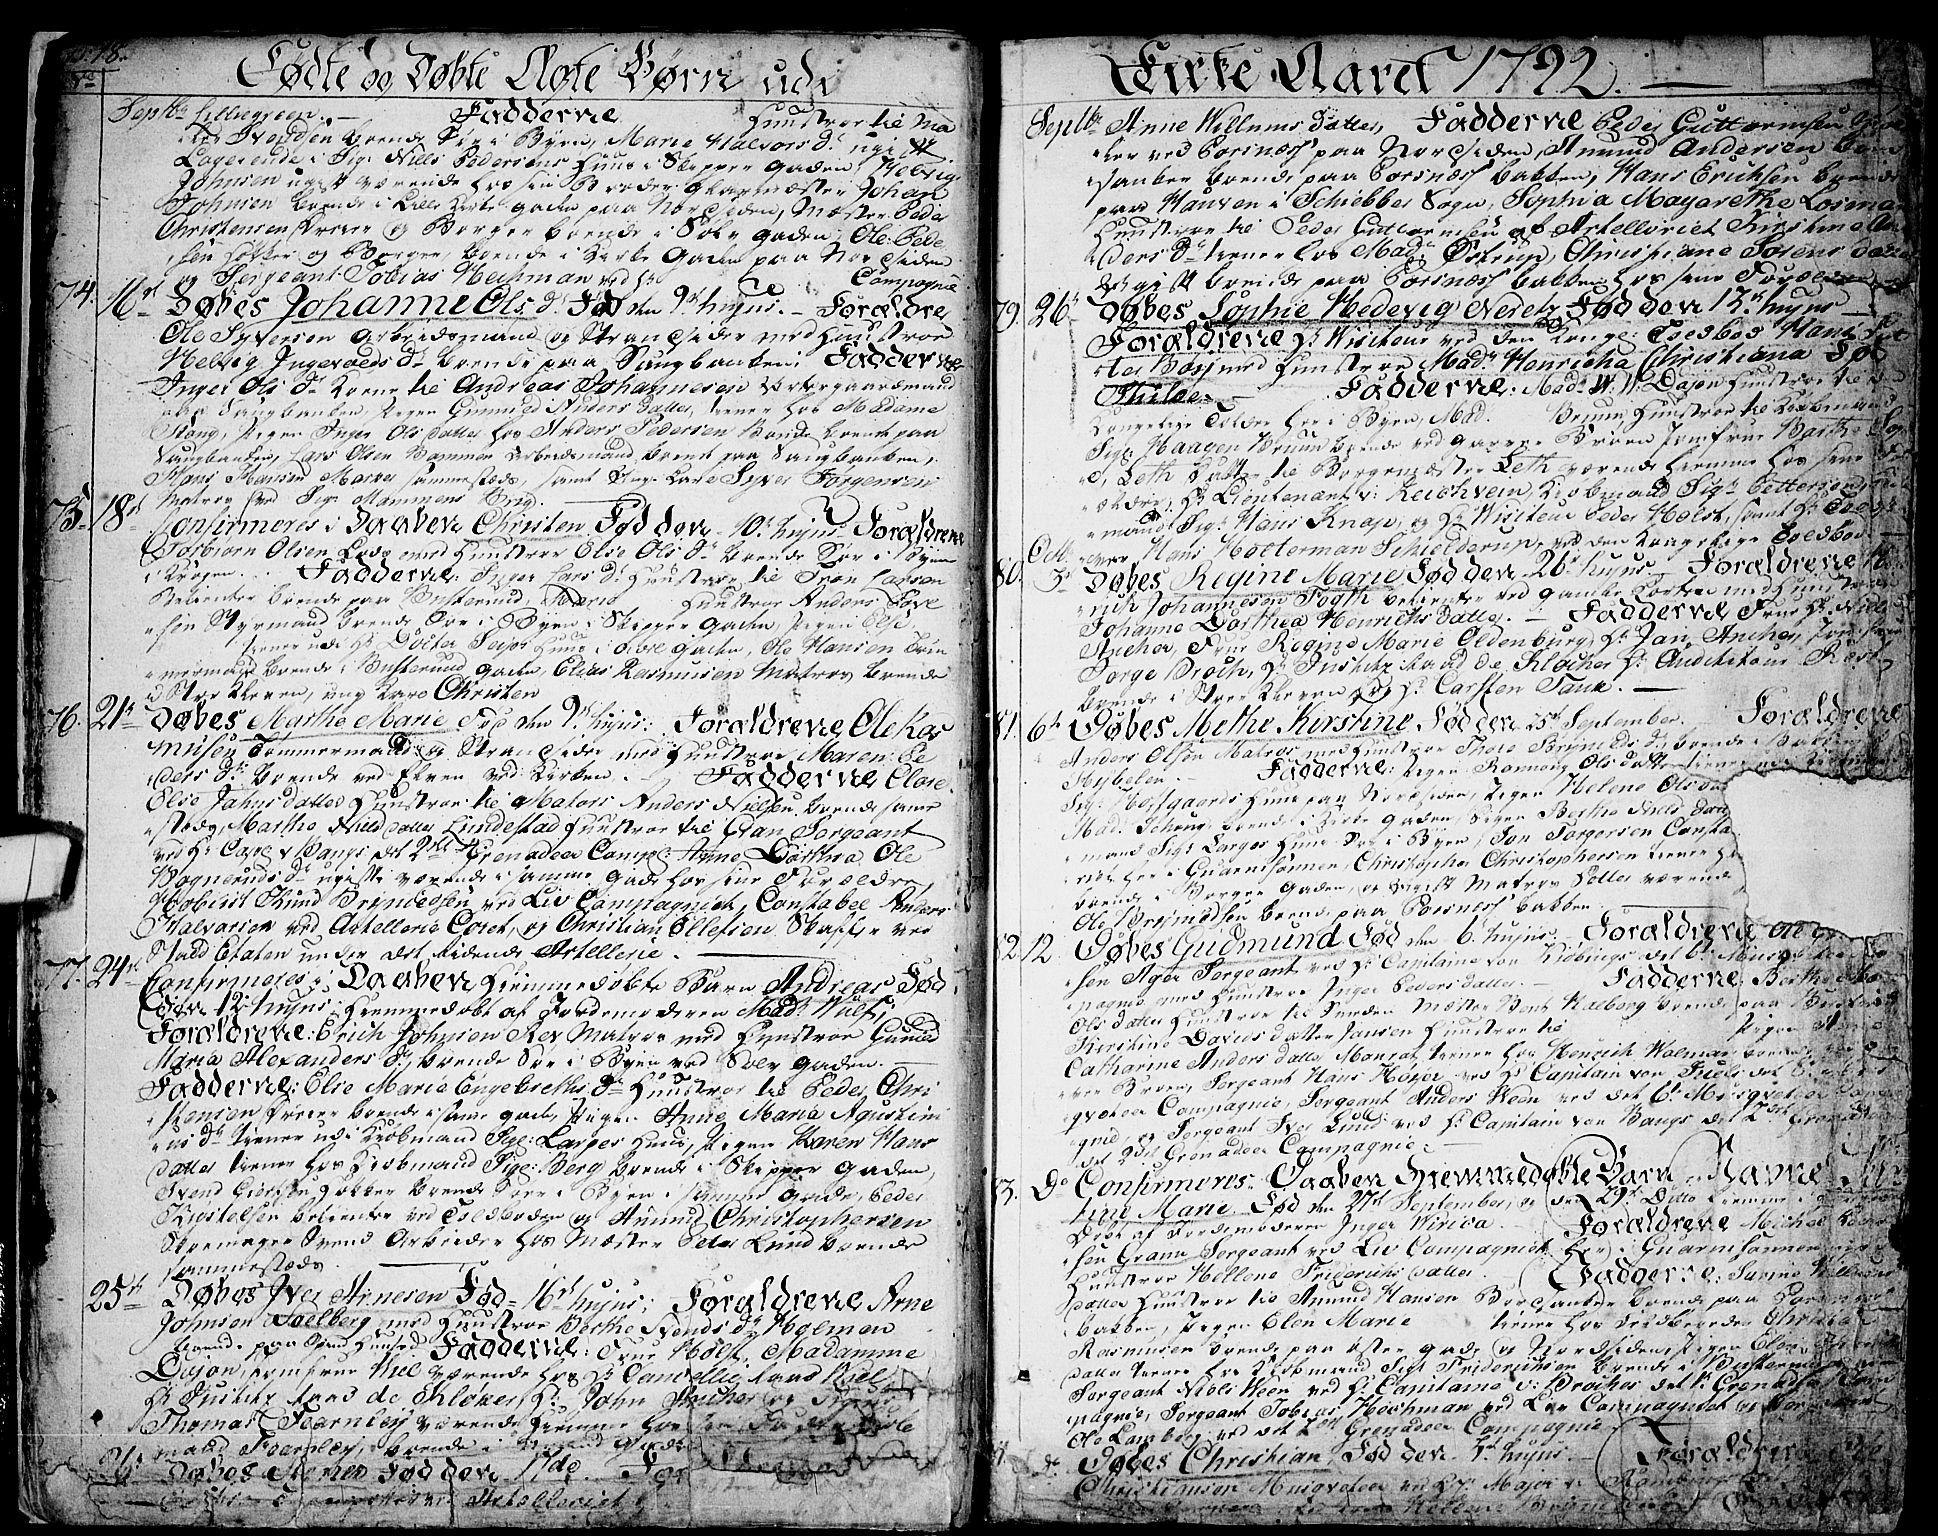 SAO, Halden prestekontor Kirkebøker, F/Fa/L0002: Ministerialbok nr. I 2, 1792-1812, s. 18-19